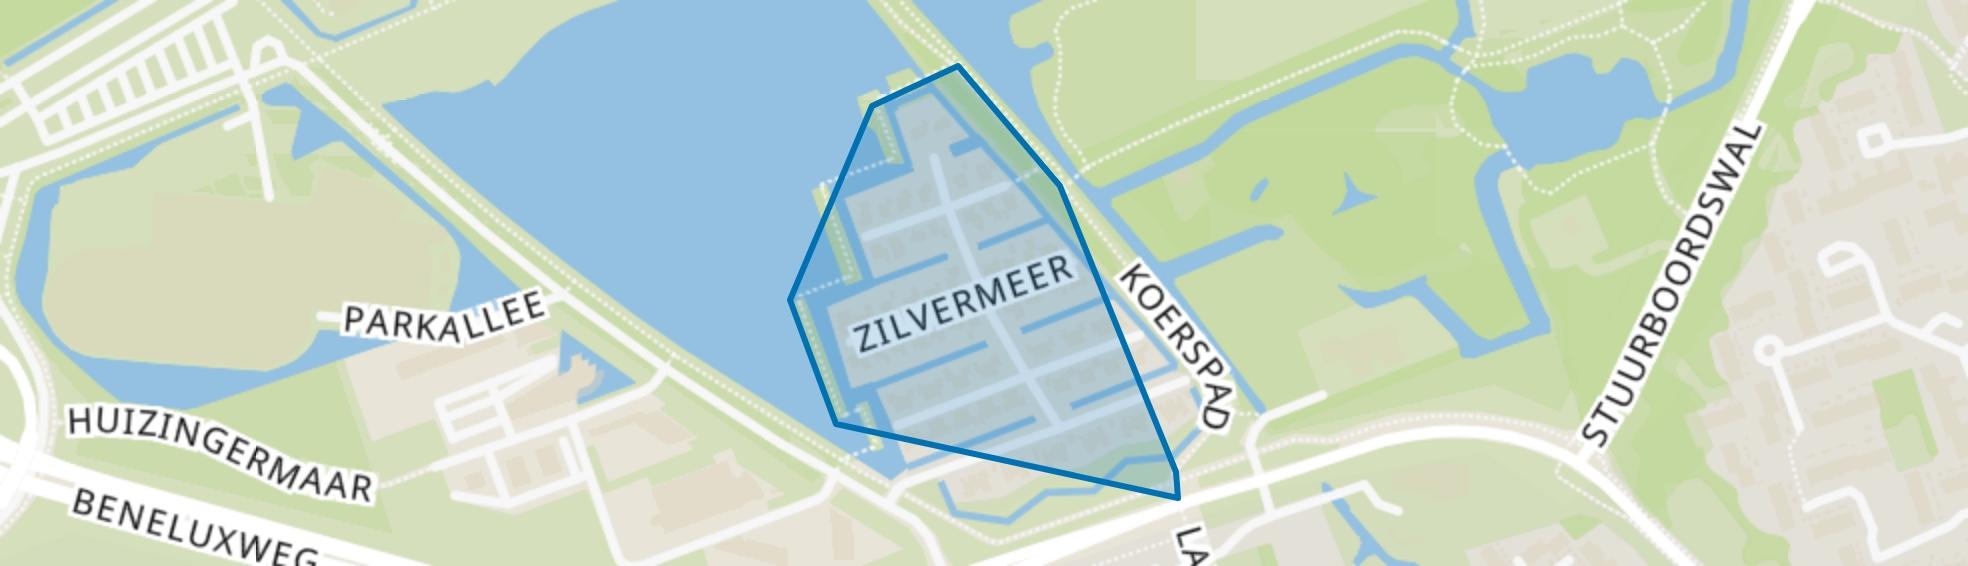 Zilvermeer, Groningen map